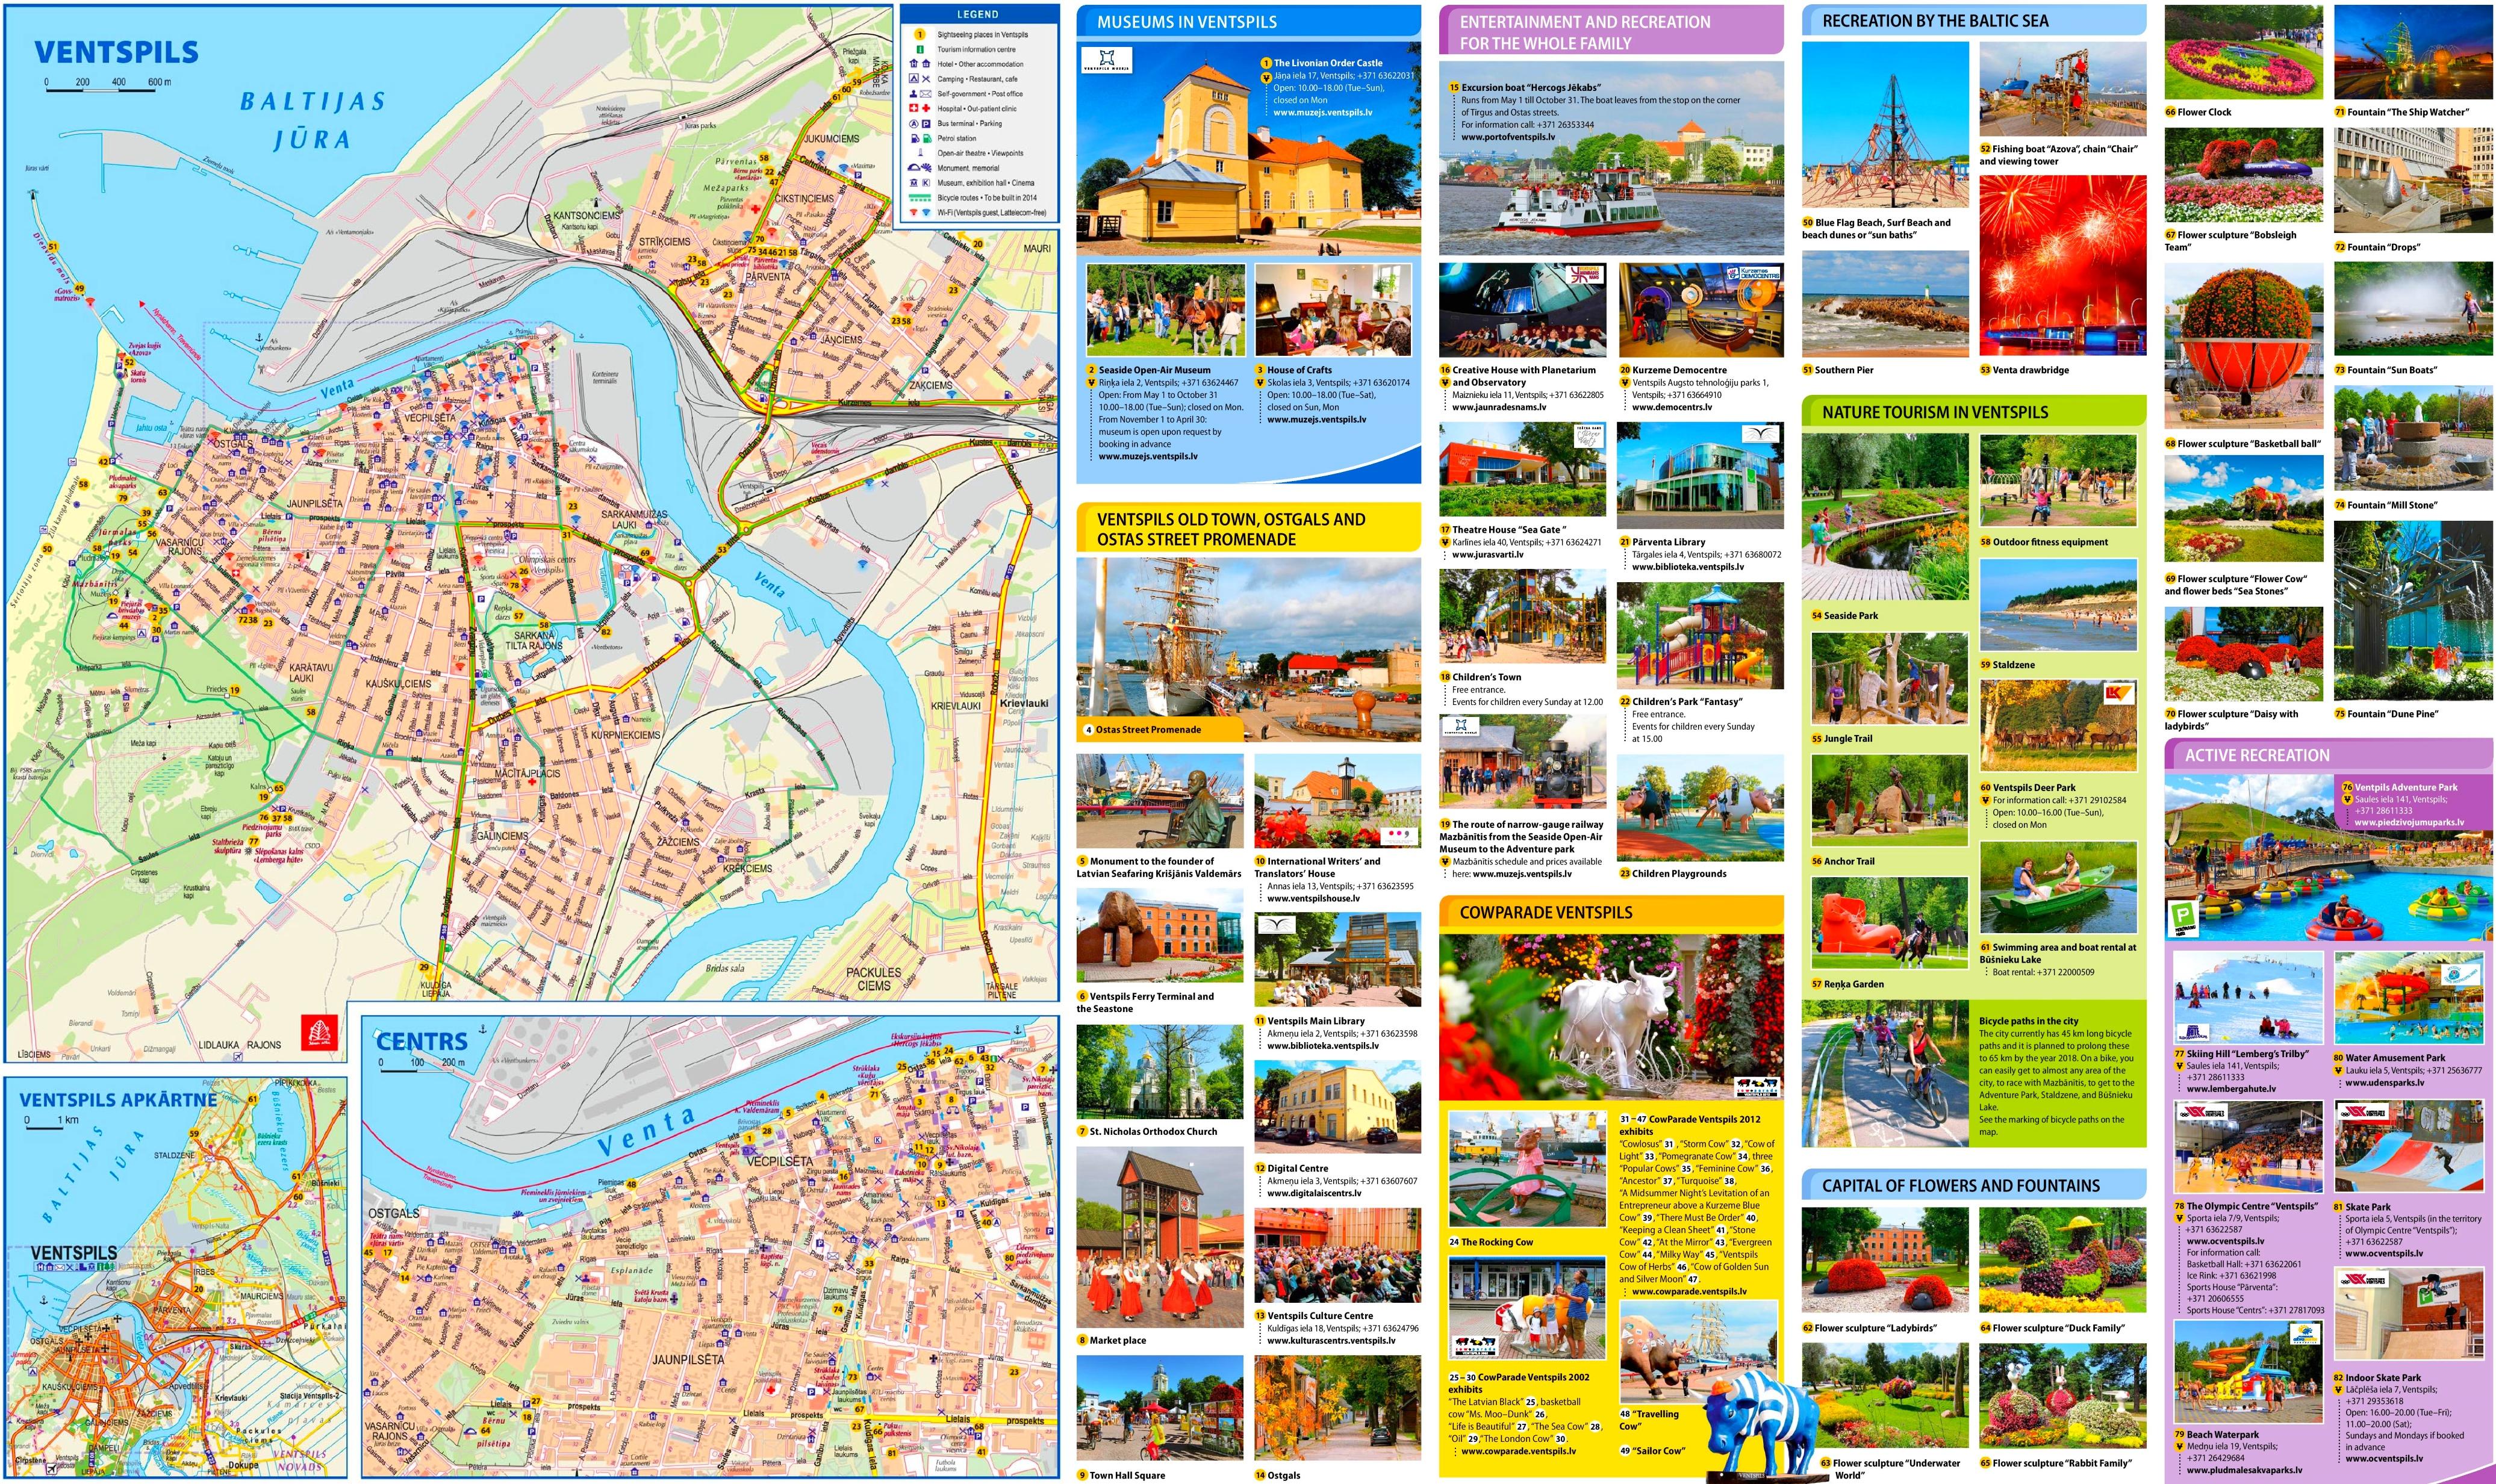 Ventspils tourist map